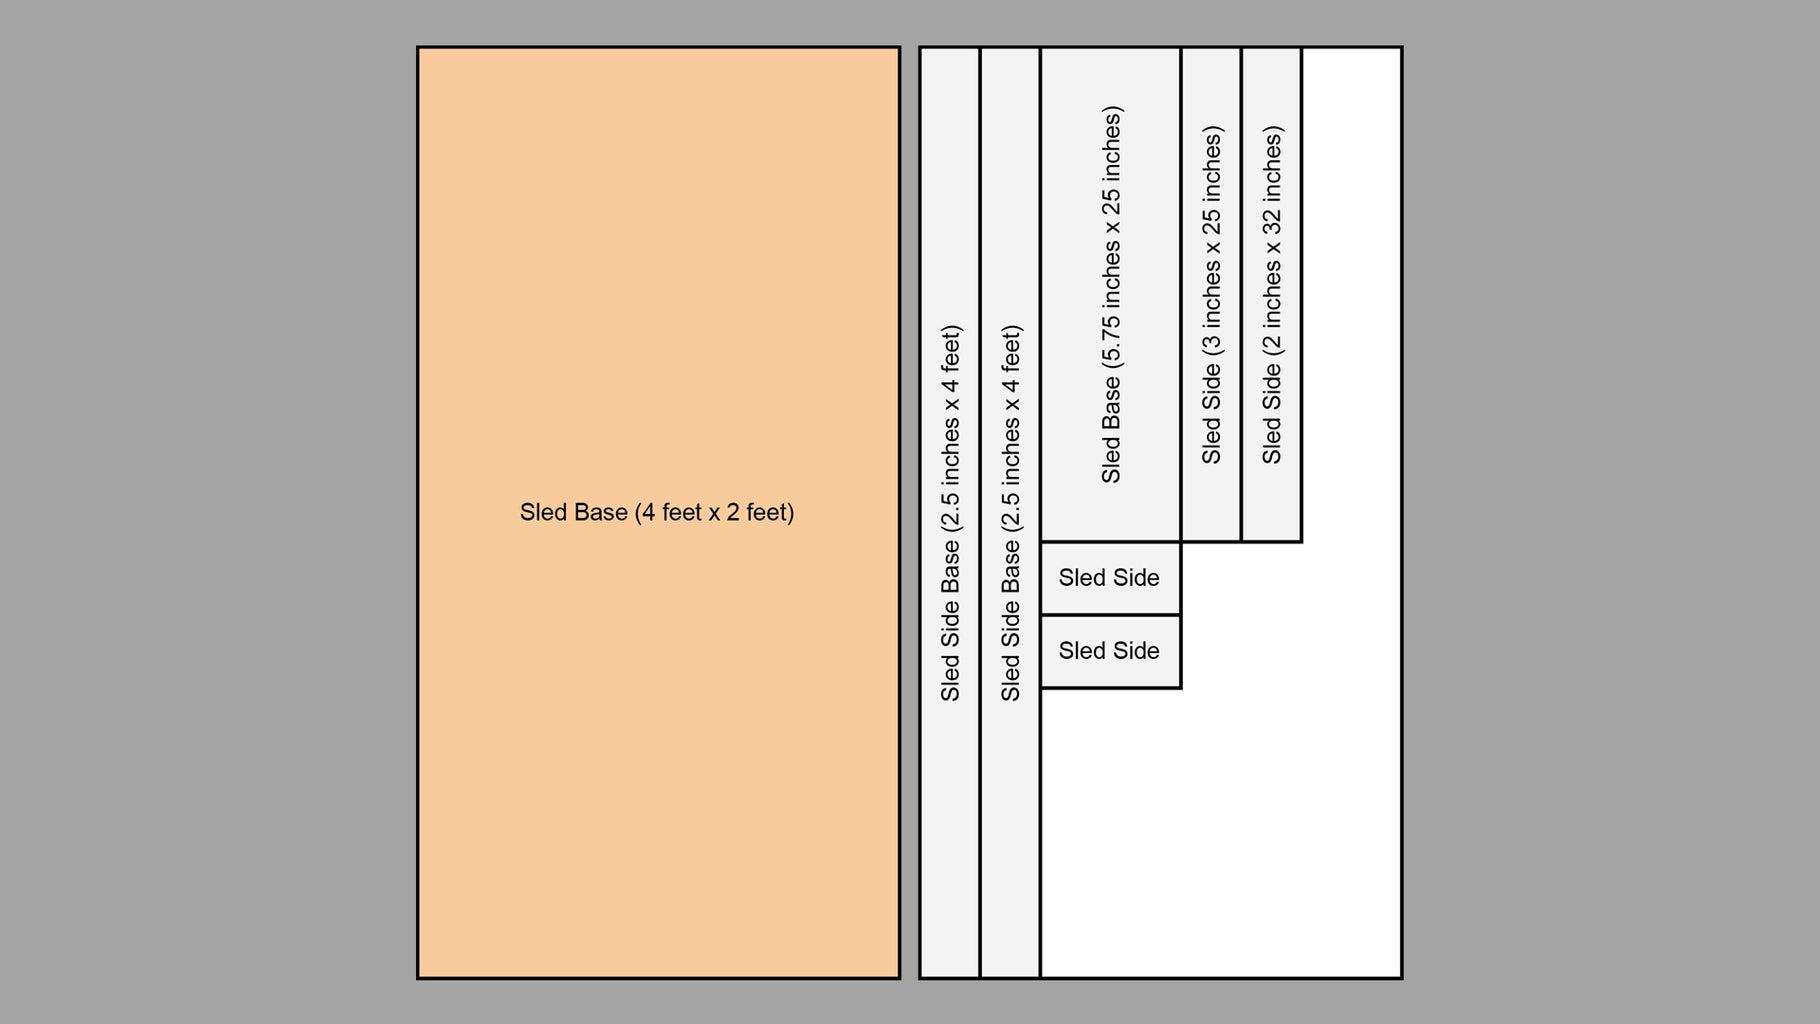 Cuts: Sled Base